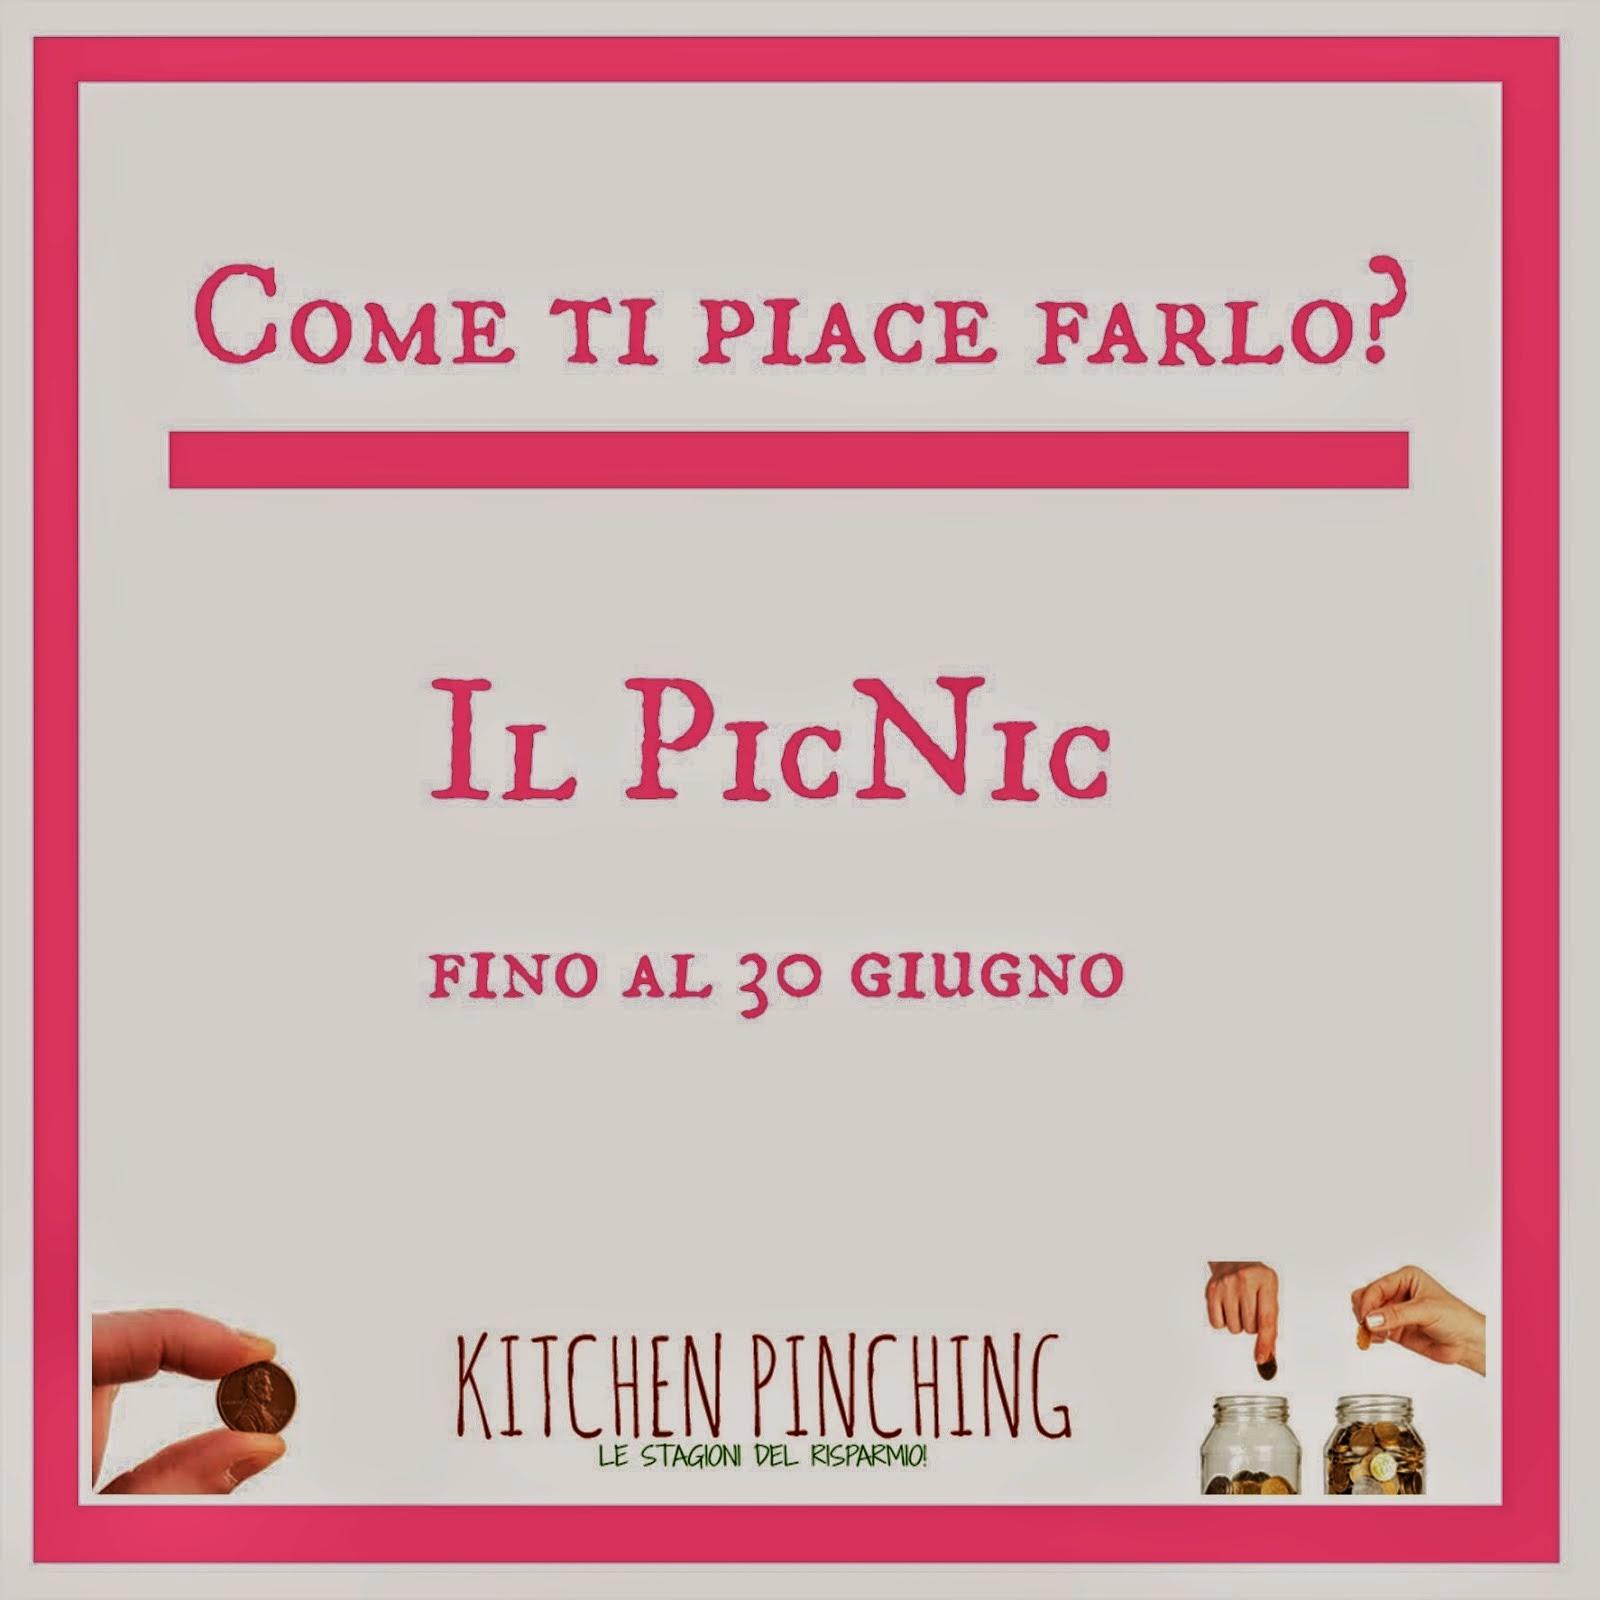 Come ti piace farlo? Il picnic